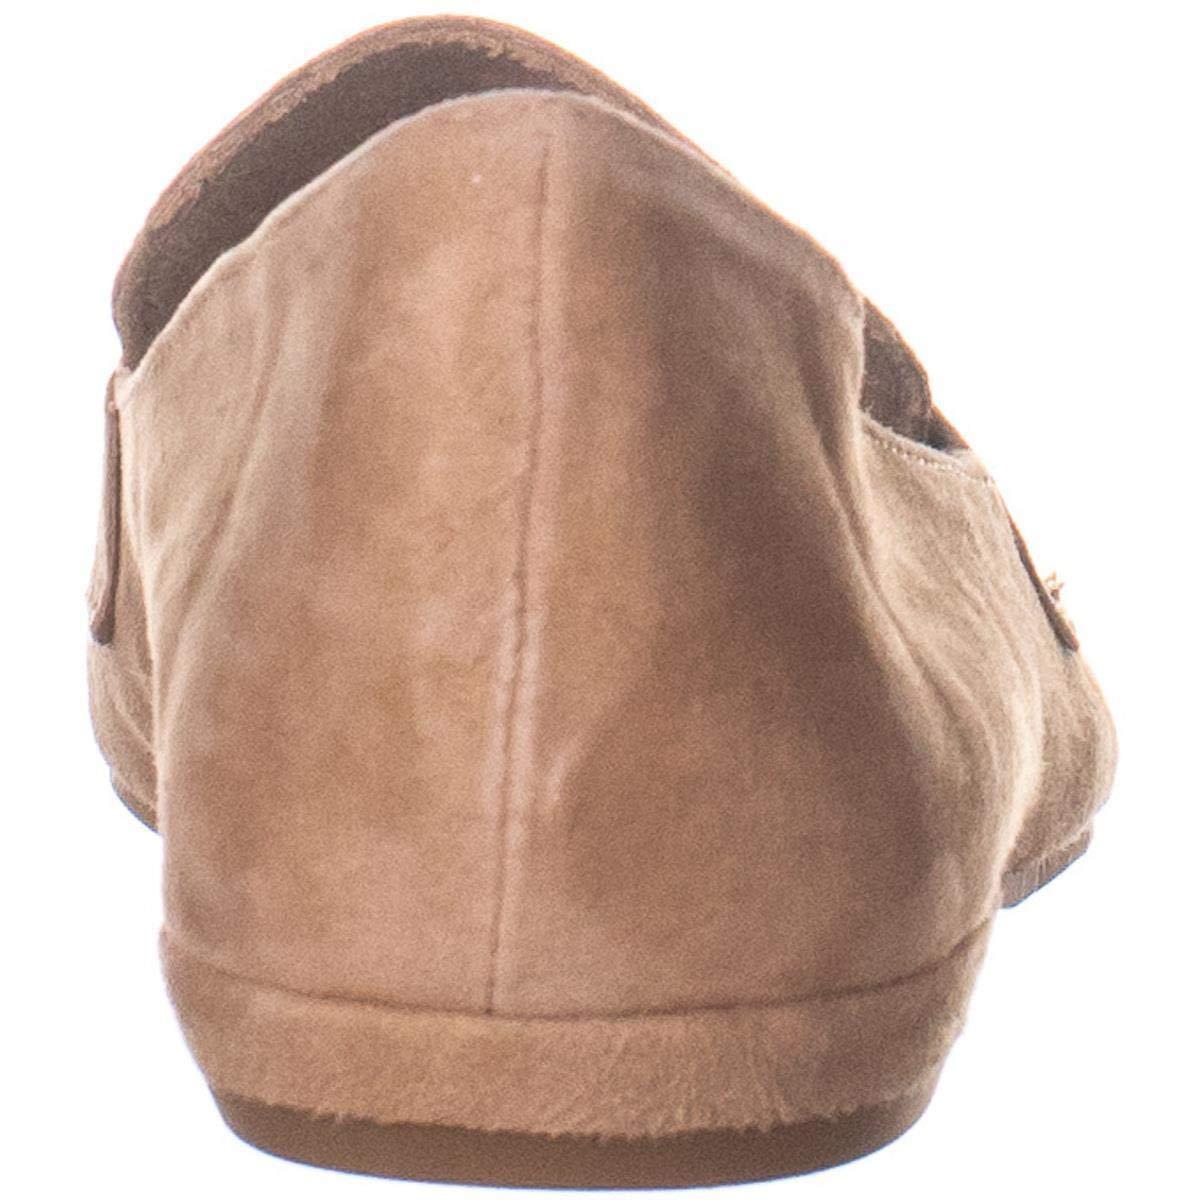 76074c33239 Amazon.com | Steve Madden Women's Carver Shoe, Tan Suede, 6.5 M US ...